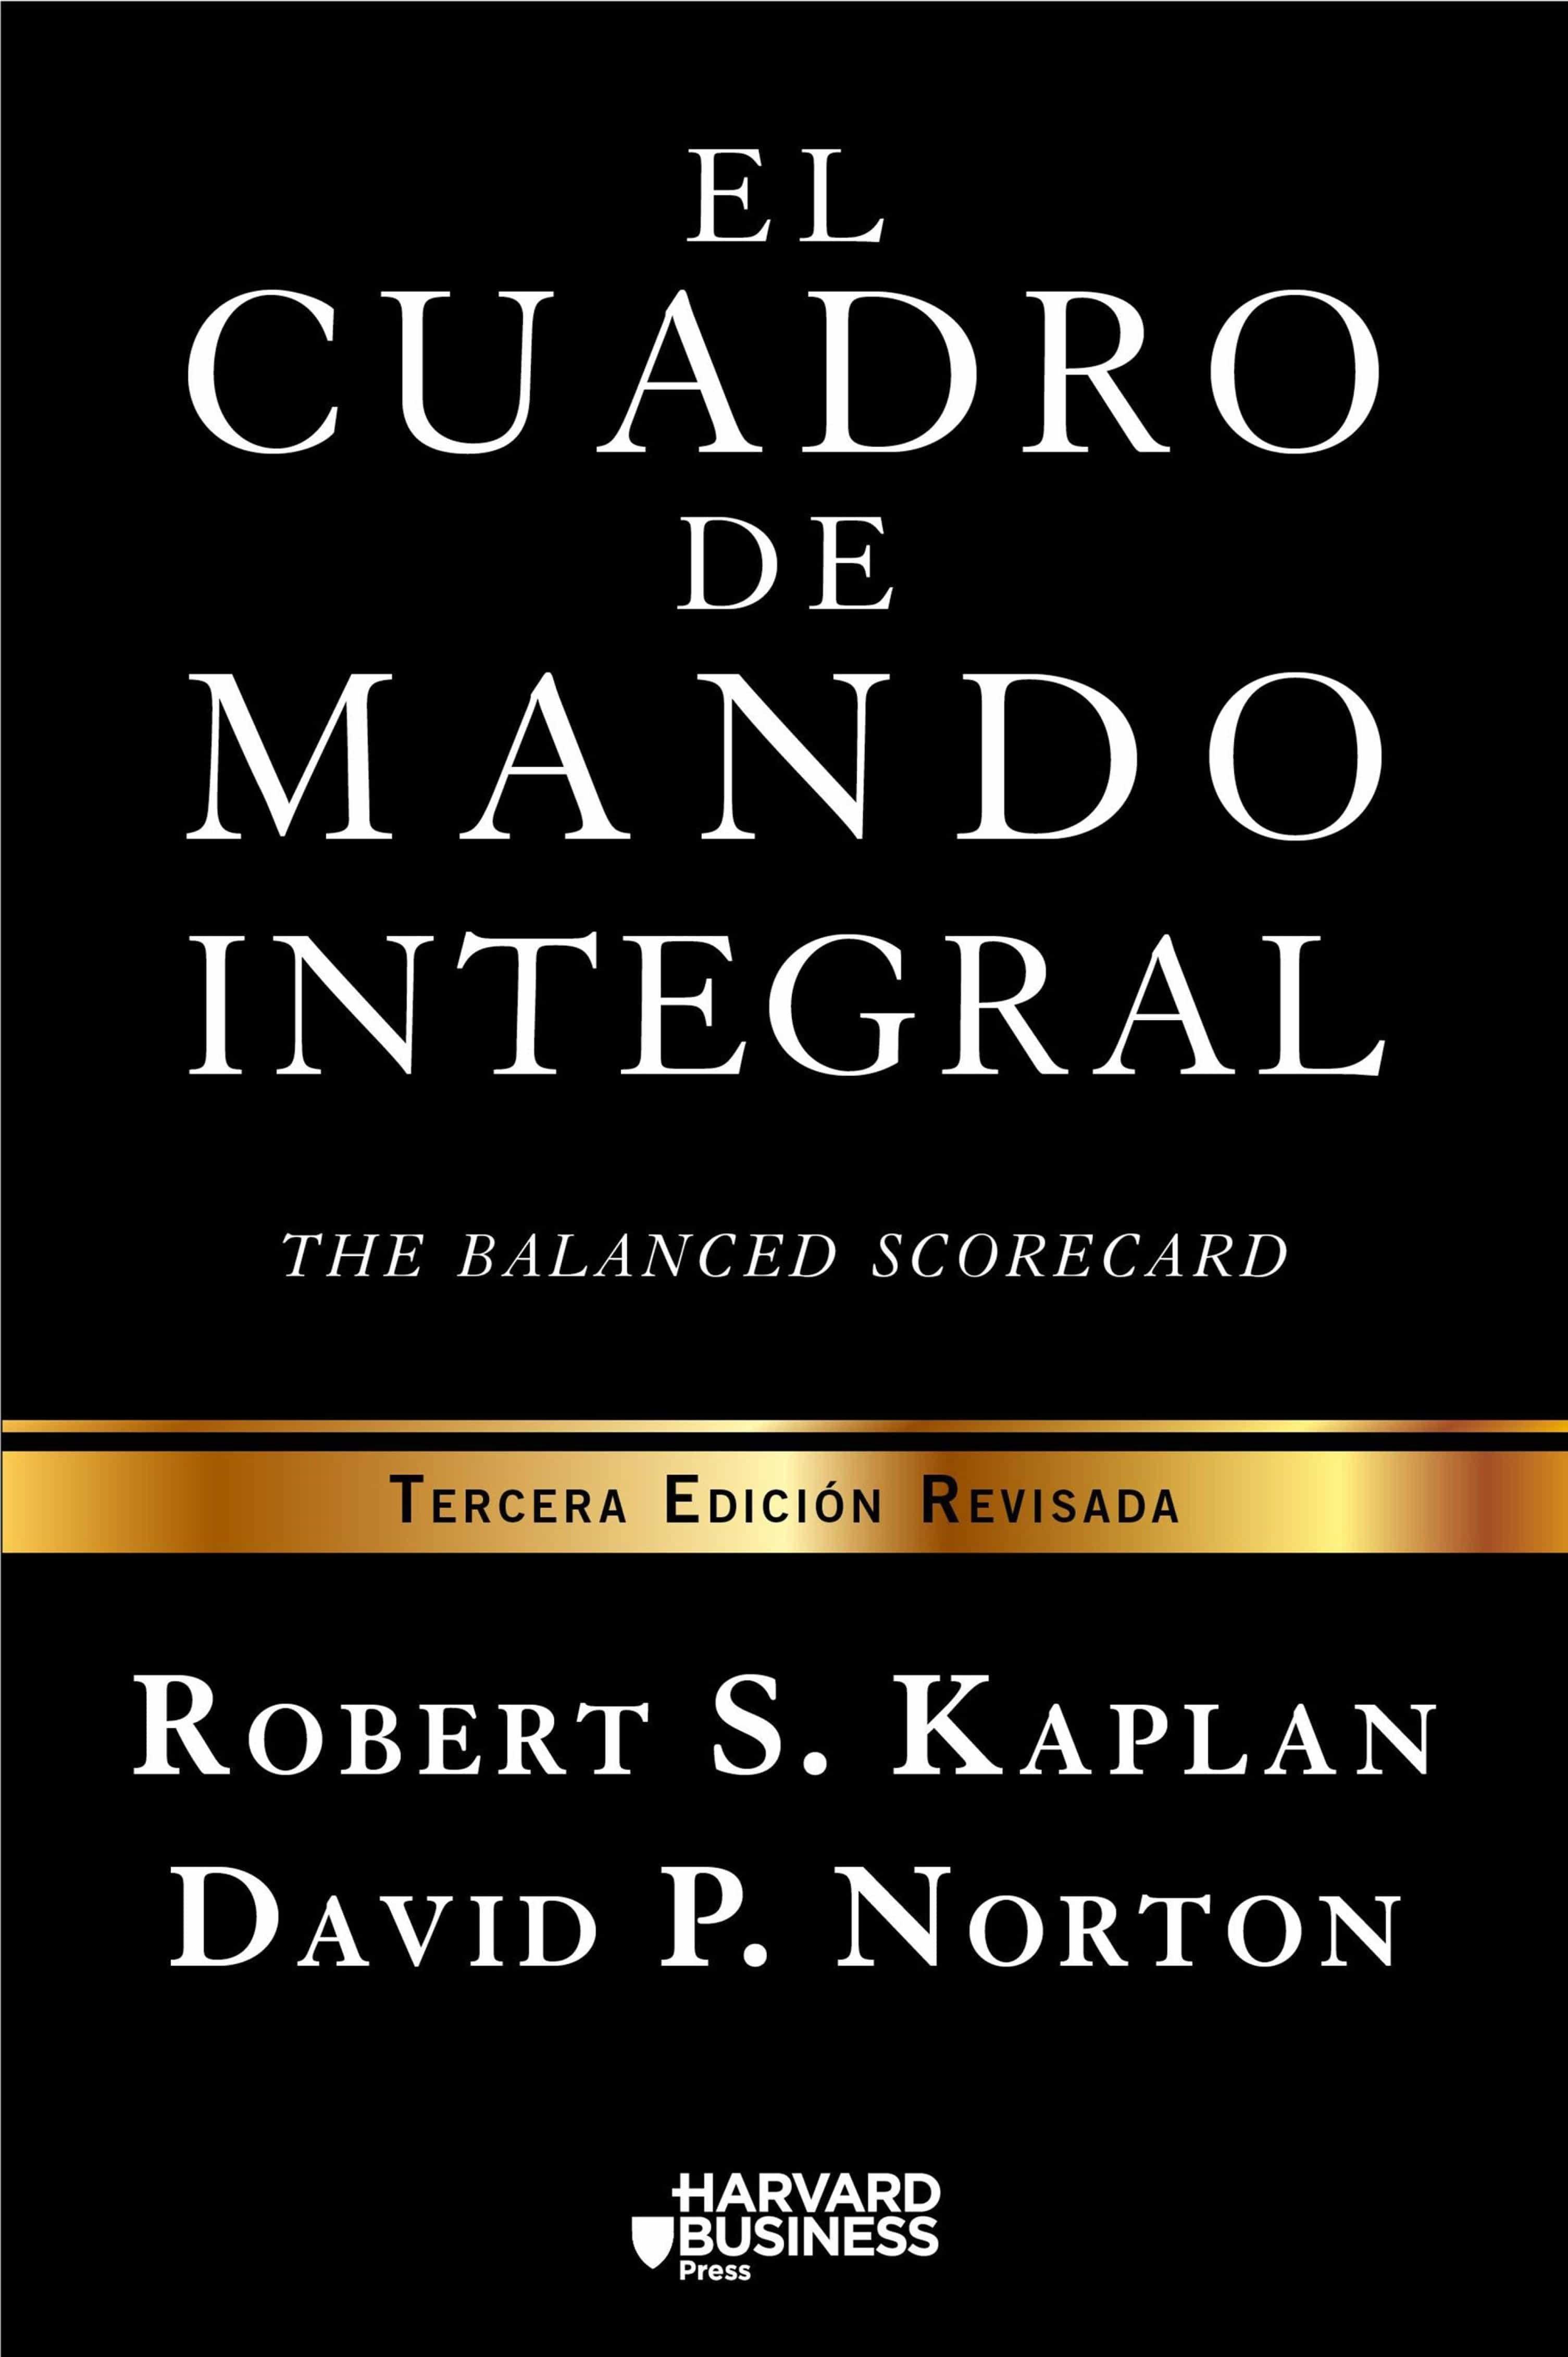 El Cuadro De Mando Integral   por Robert S. Kaplan, David P. Norton